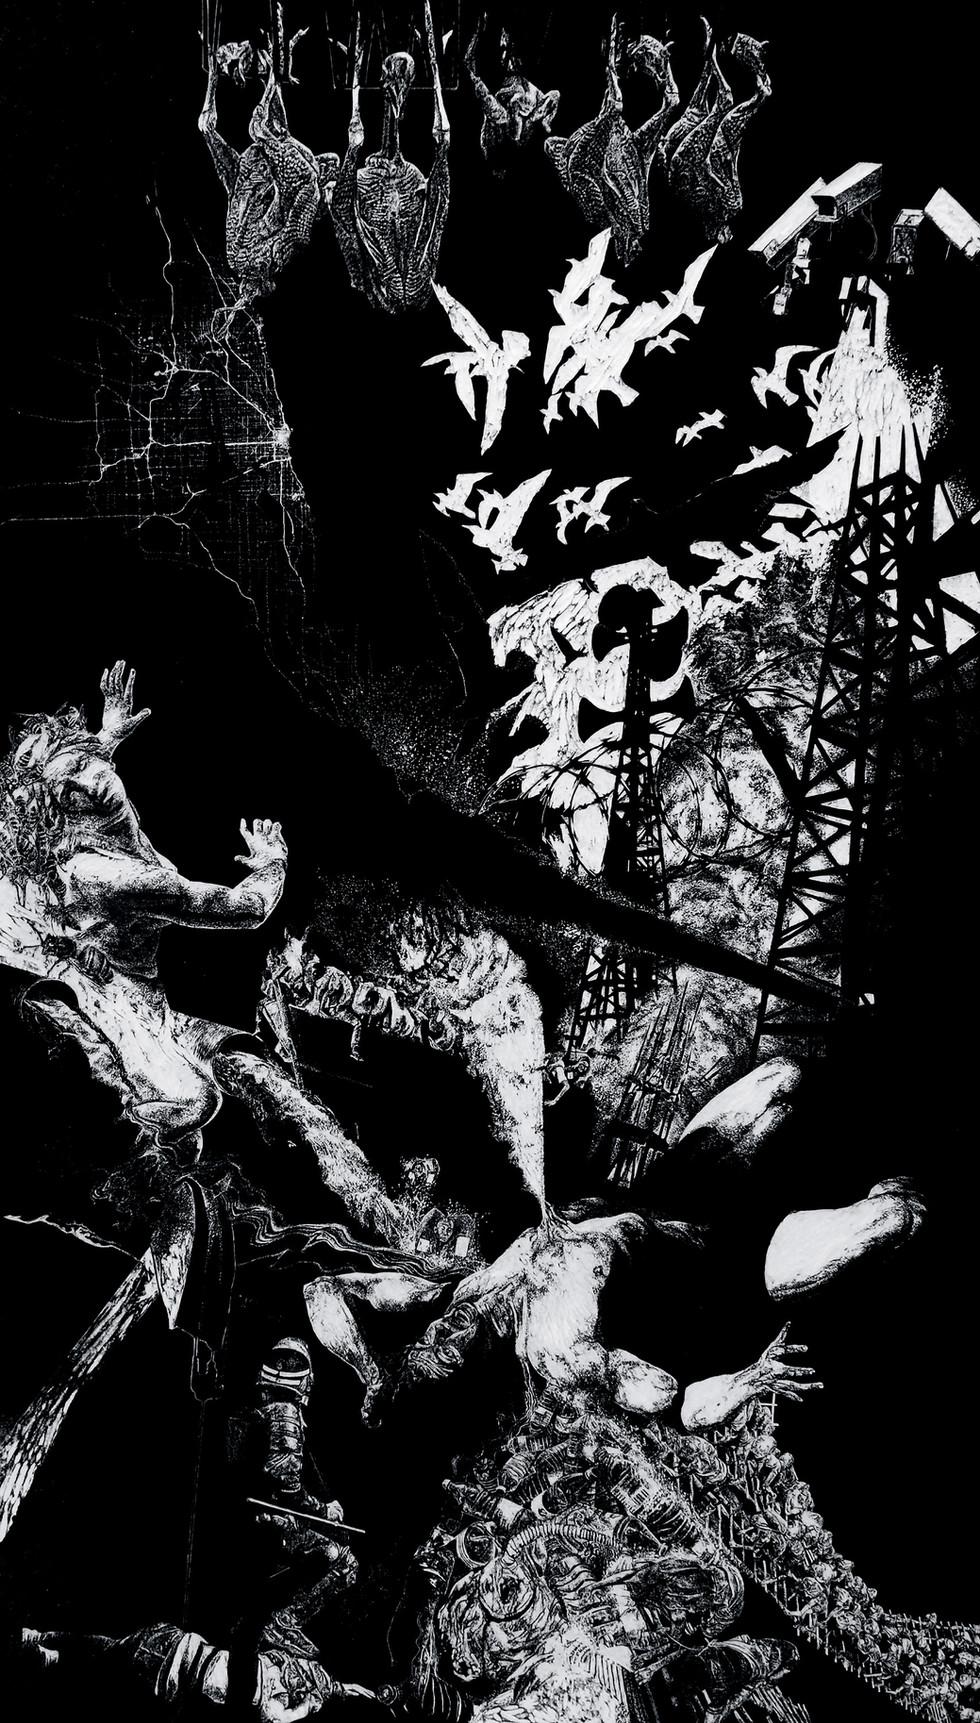 Lavandière de la nuit #3, xylographie, 210 x 122 cm, 2019